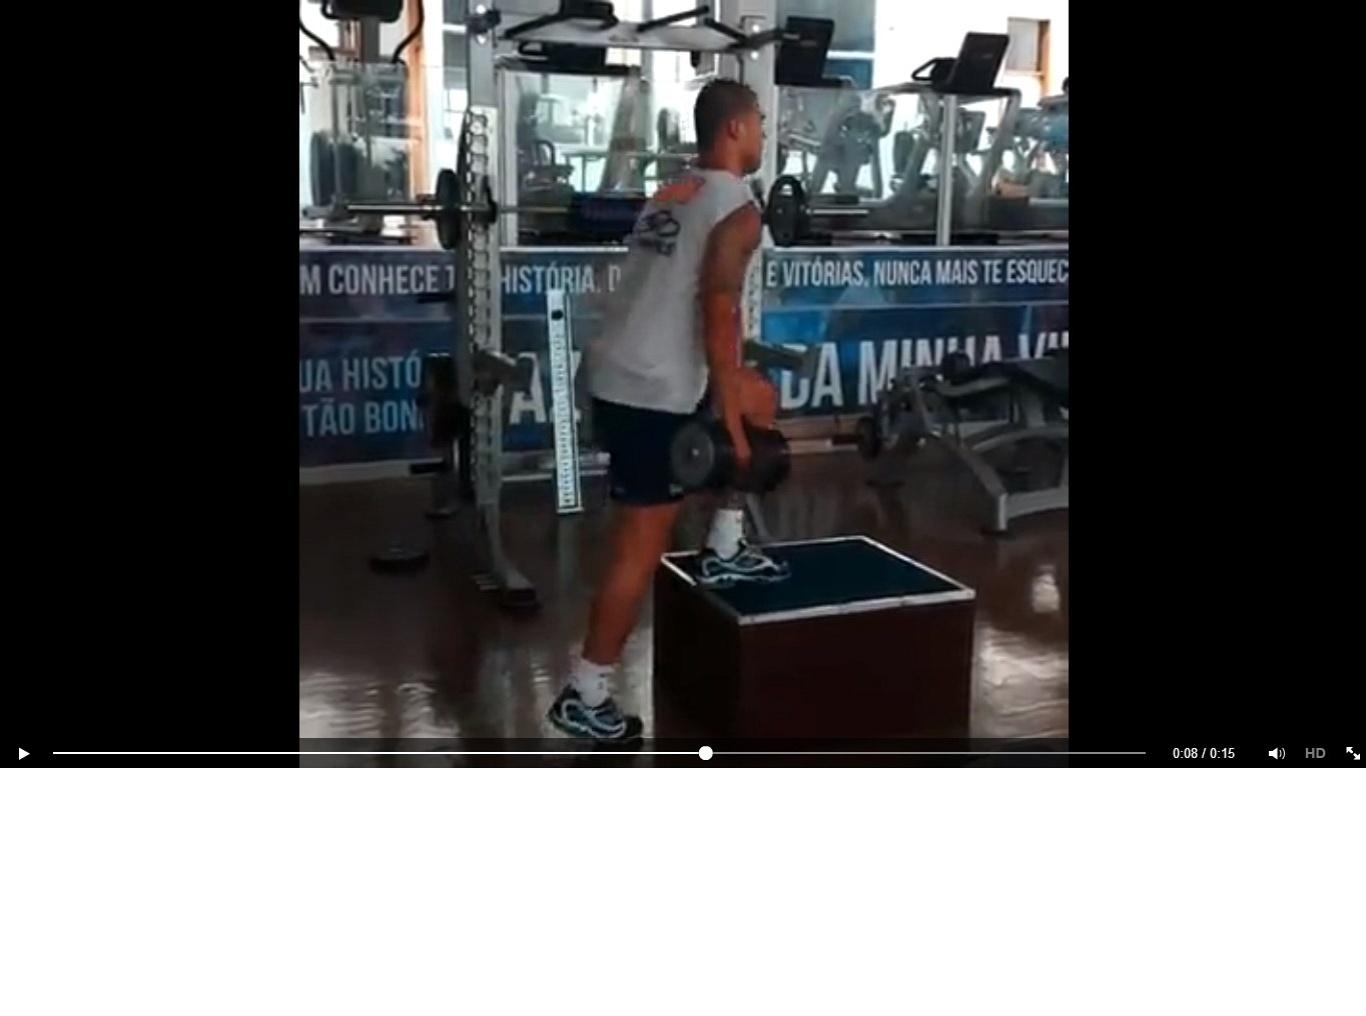 11 jan 2014 - Volante Nilton realiza trabalho físico na academia para se recuperar de lesão que o impede de treinar com bola